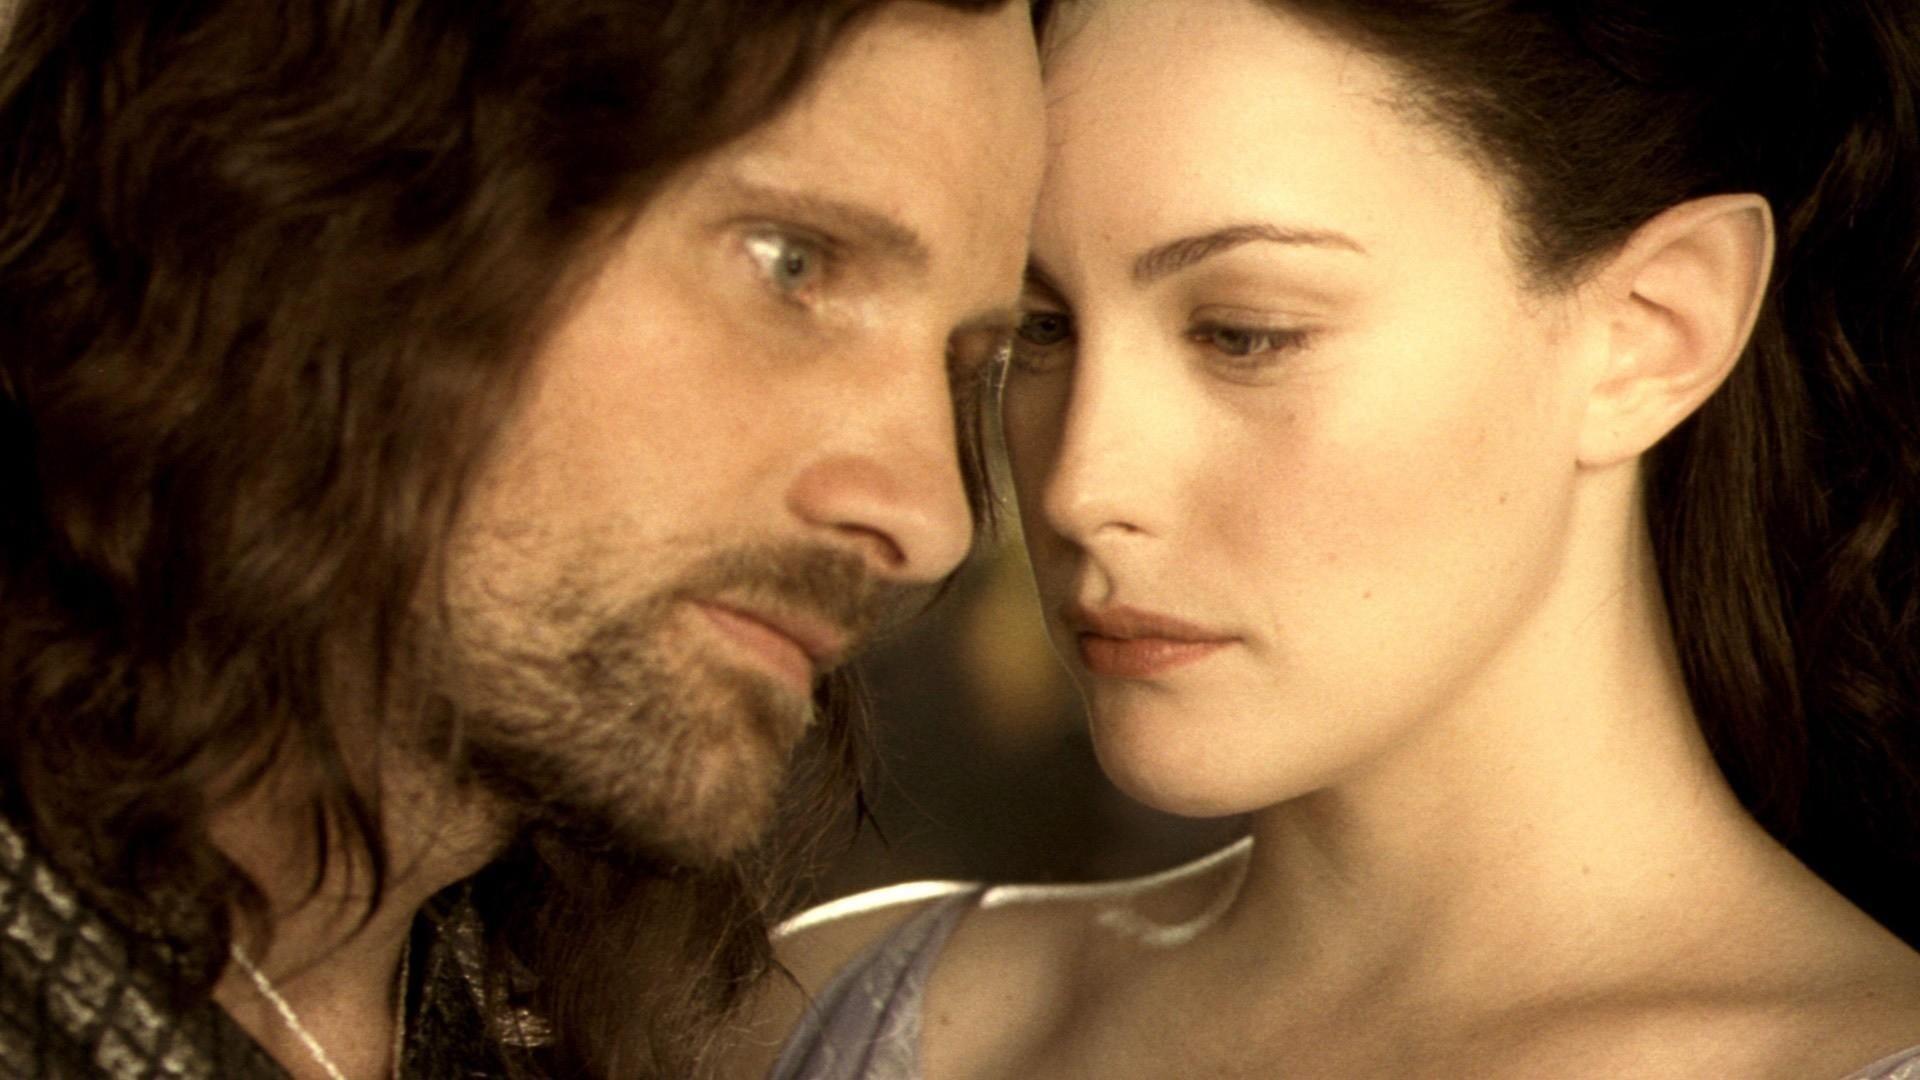 Res: 1920x1080, Aragorn viggo mortensen actors arwen undomiel scene wallpaper | (29918)